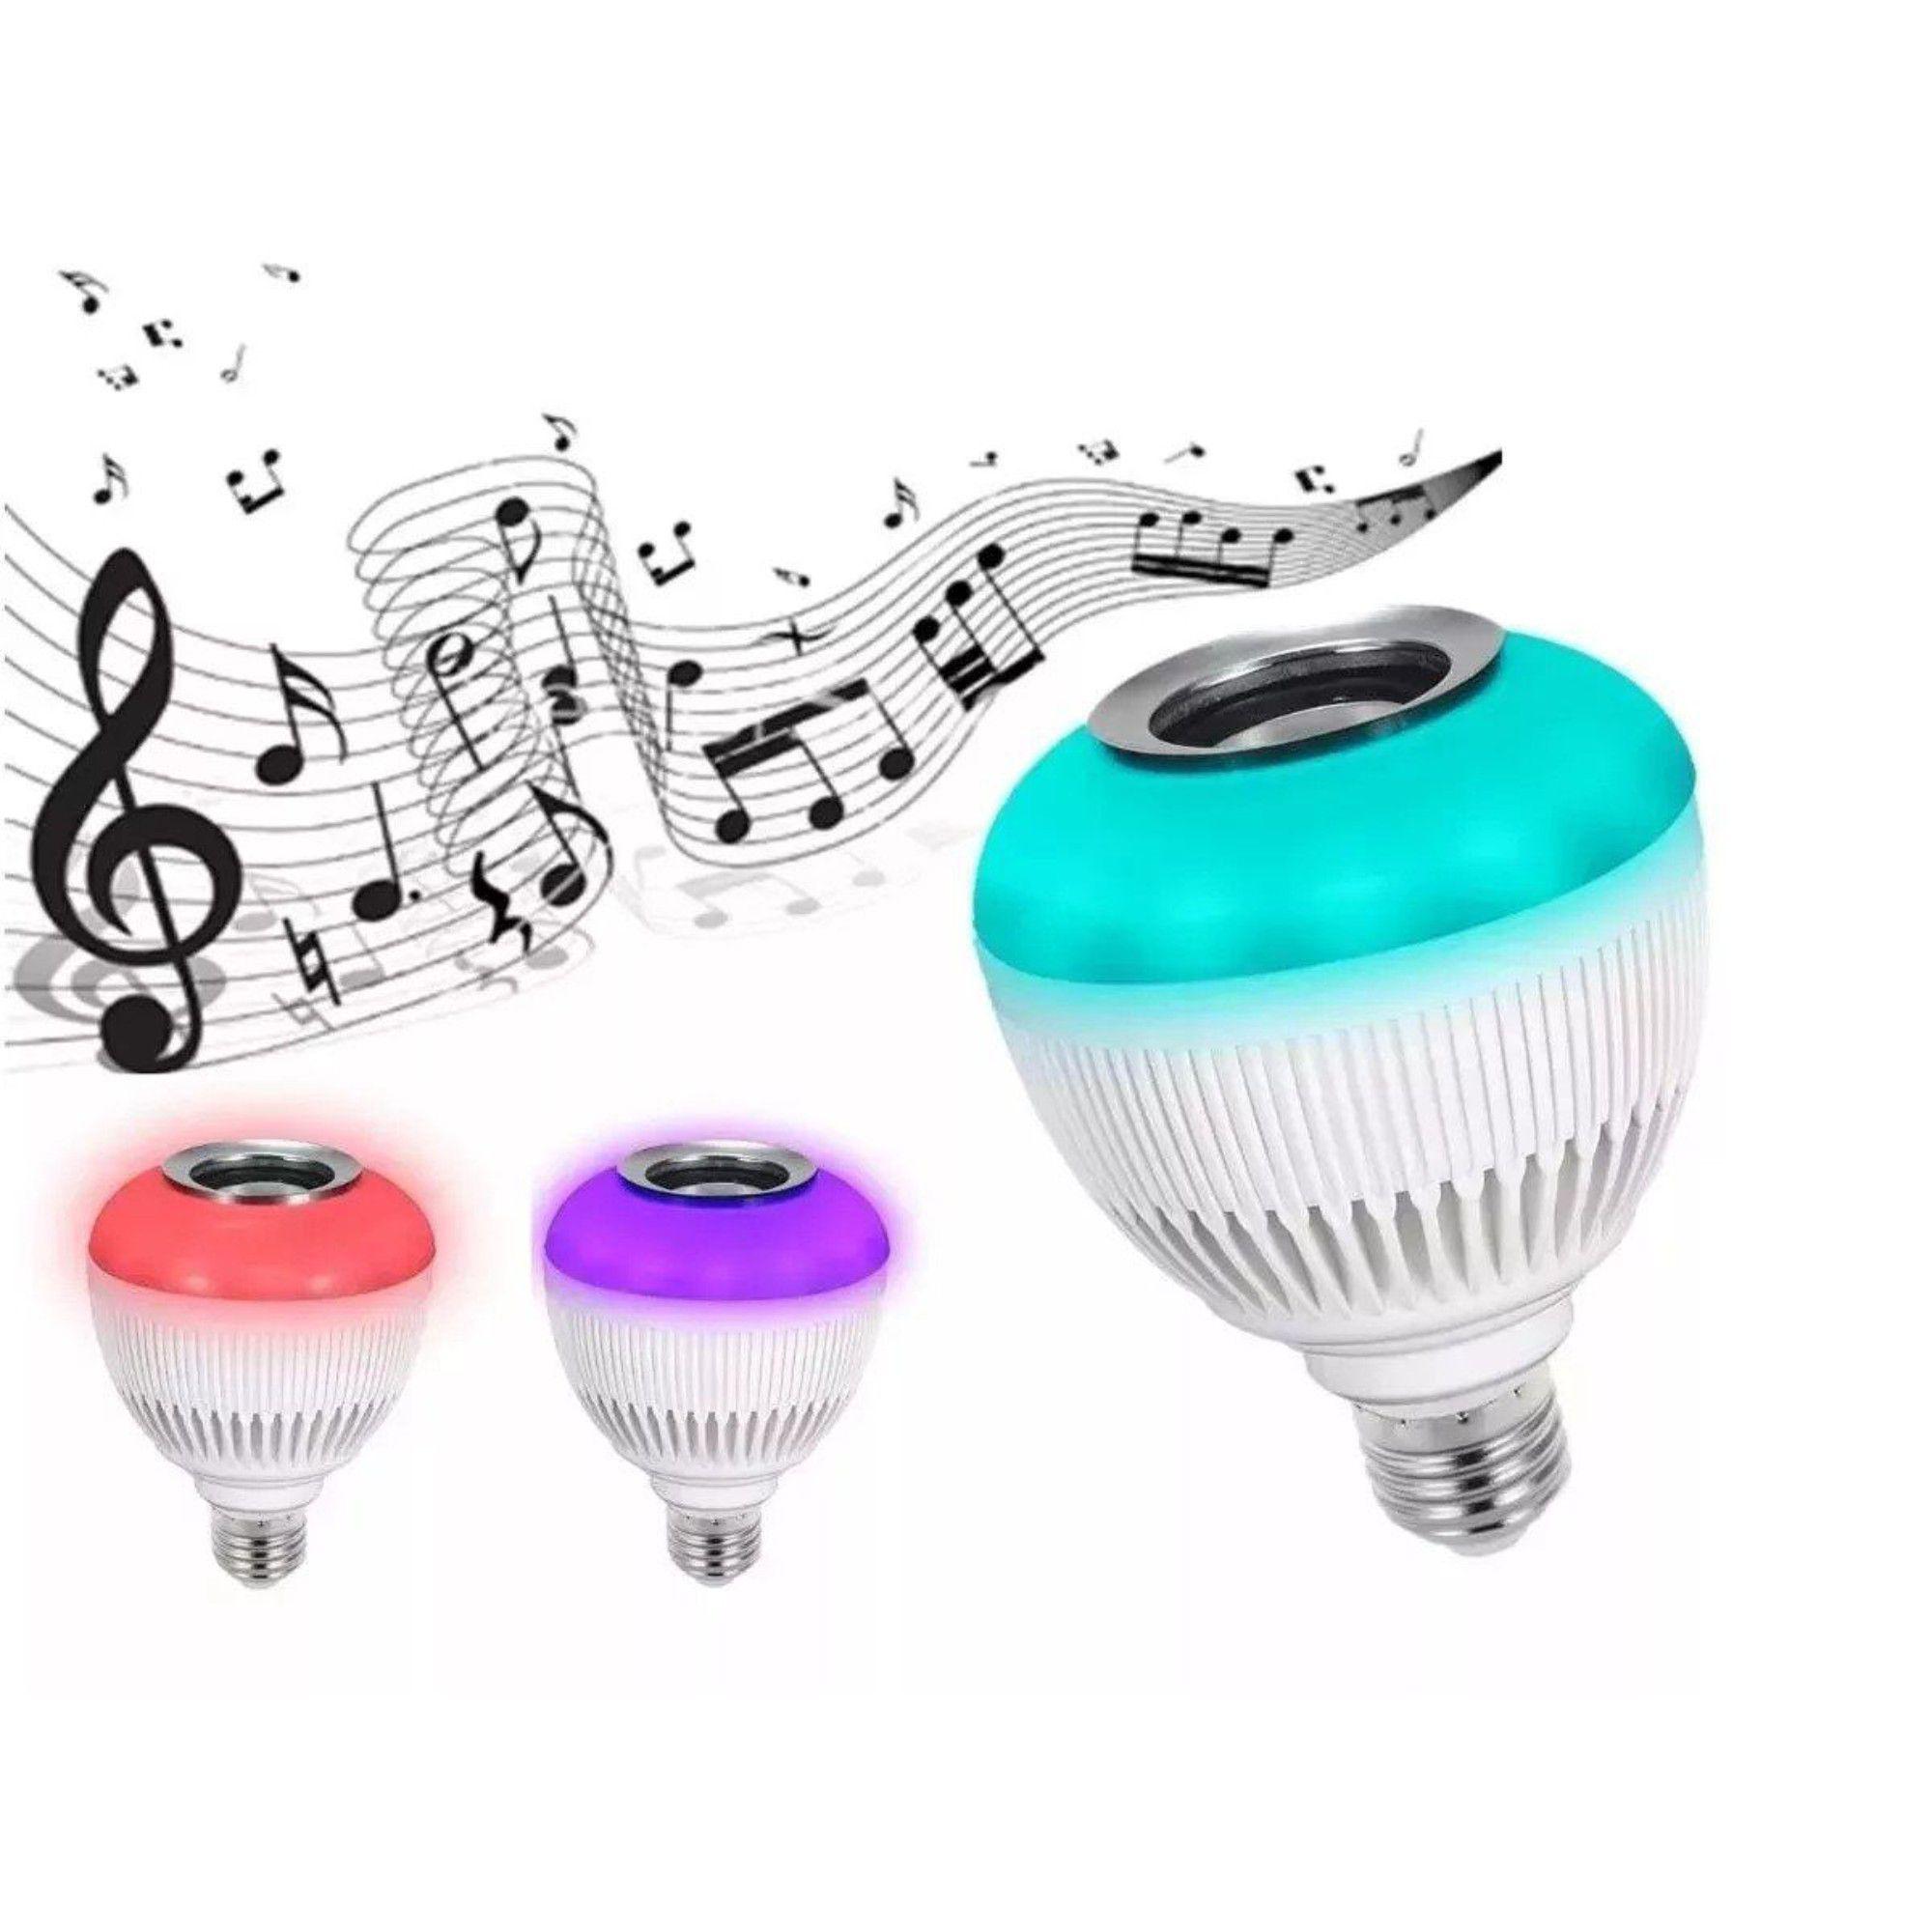 Lâmpada Luz Led Rgb Bluetooth Música Caixa Som